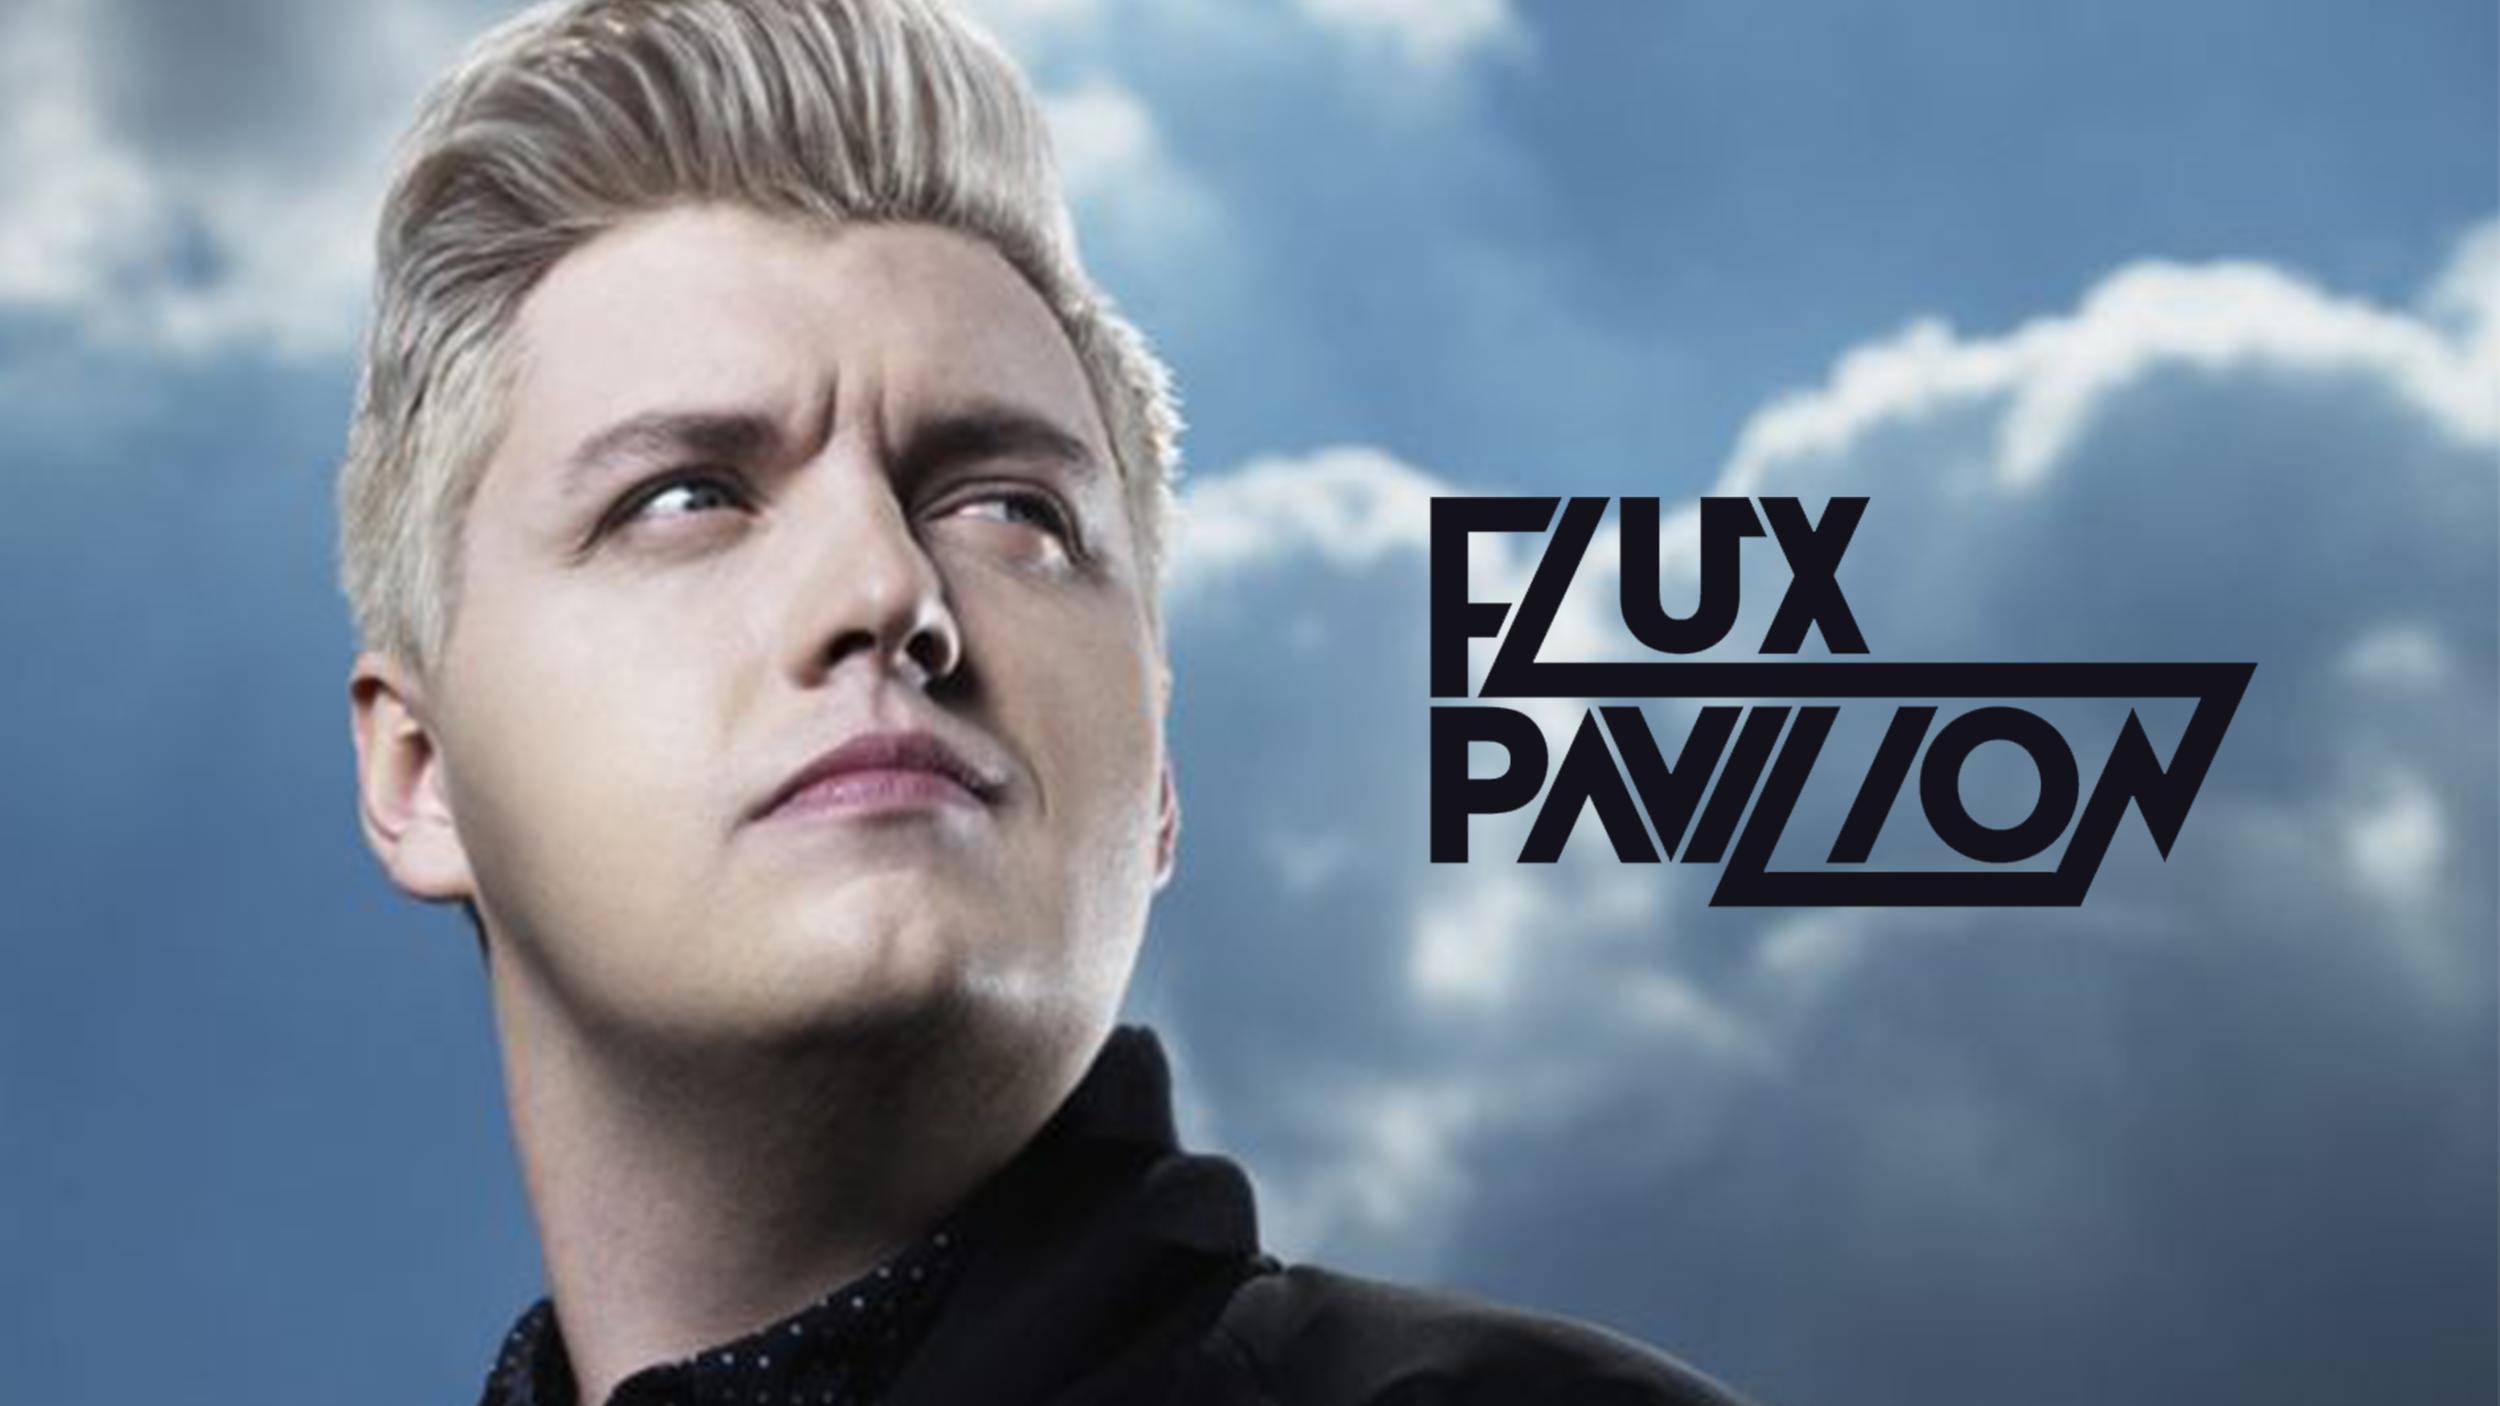 Flux-Pavilion.png